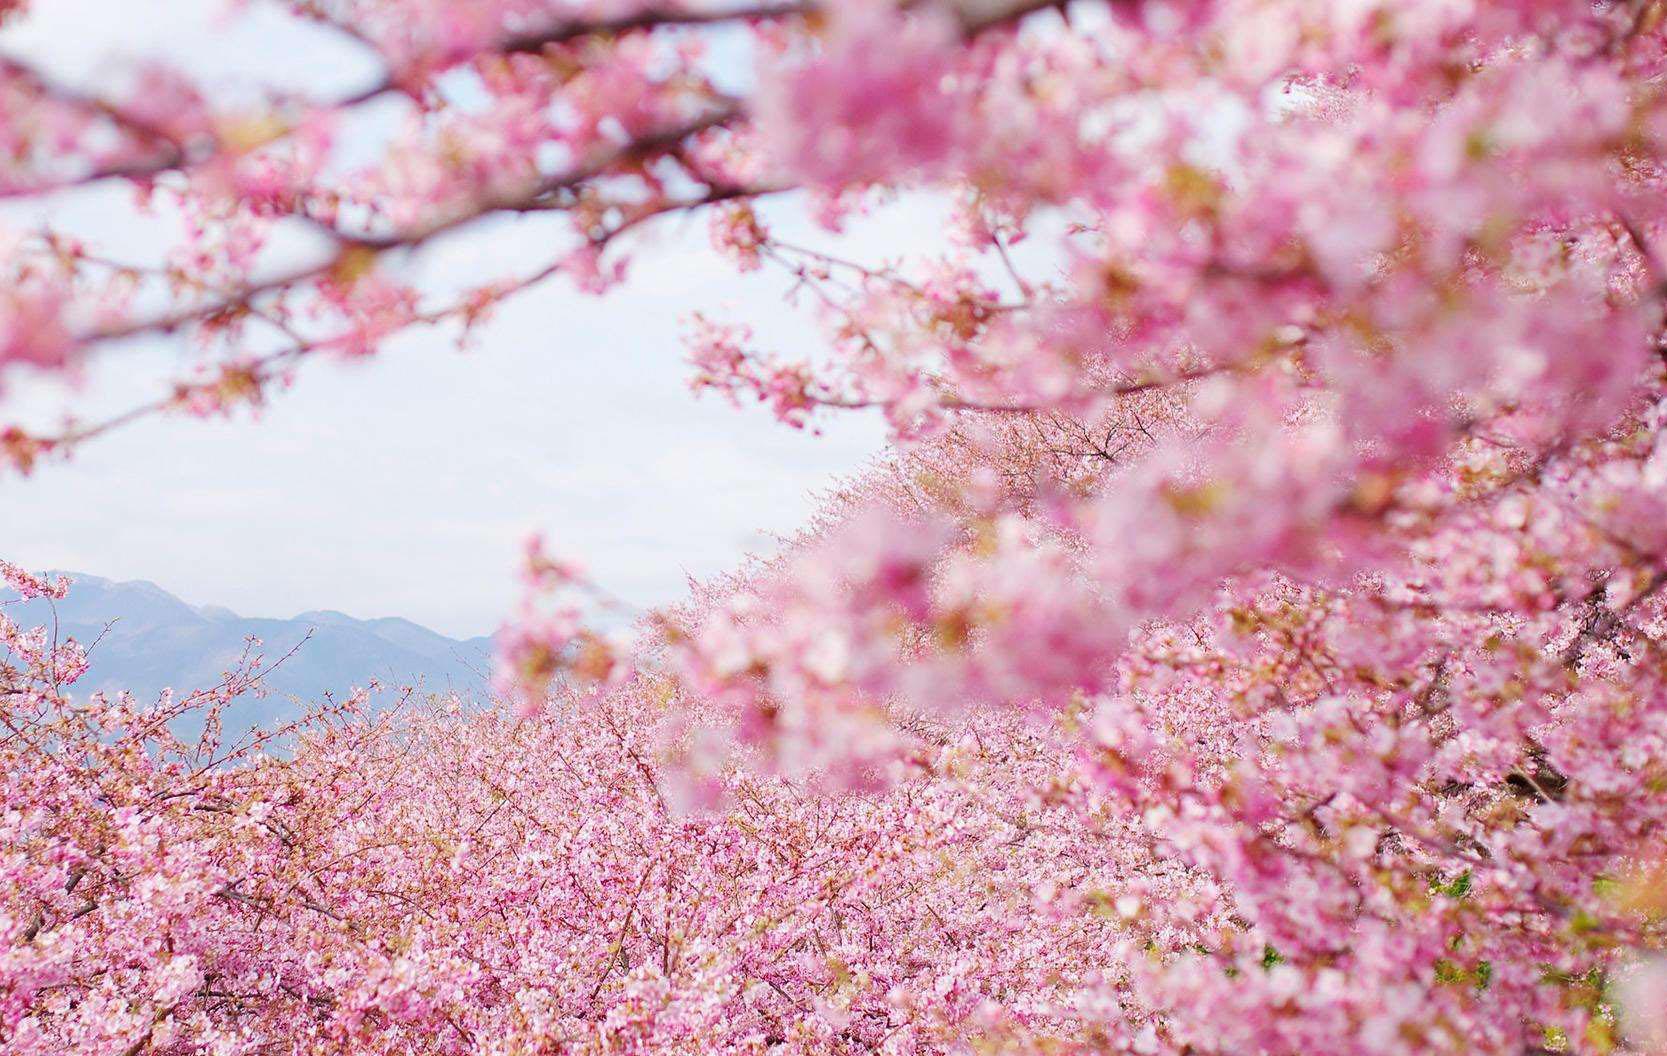 日本樱花_2018年日本各地樱花开放日期预测